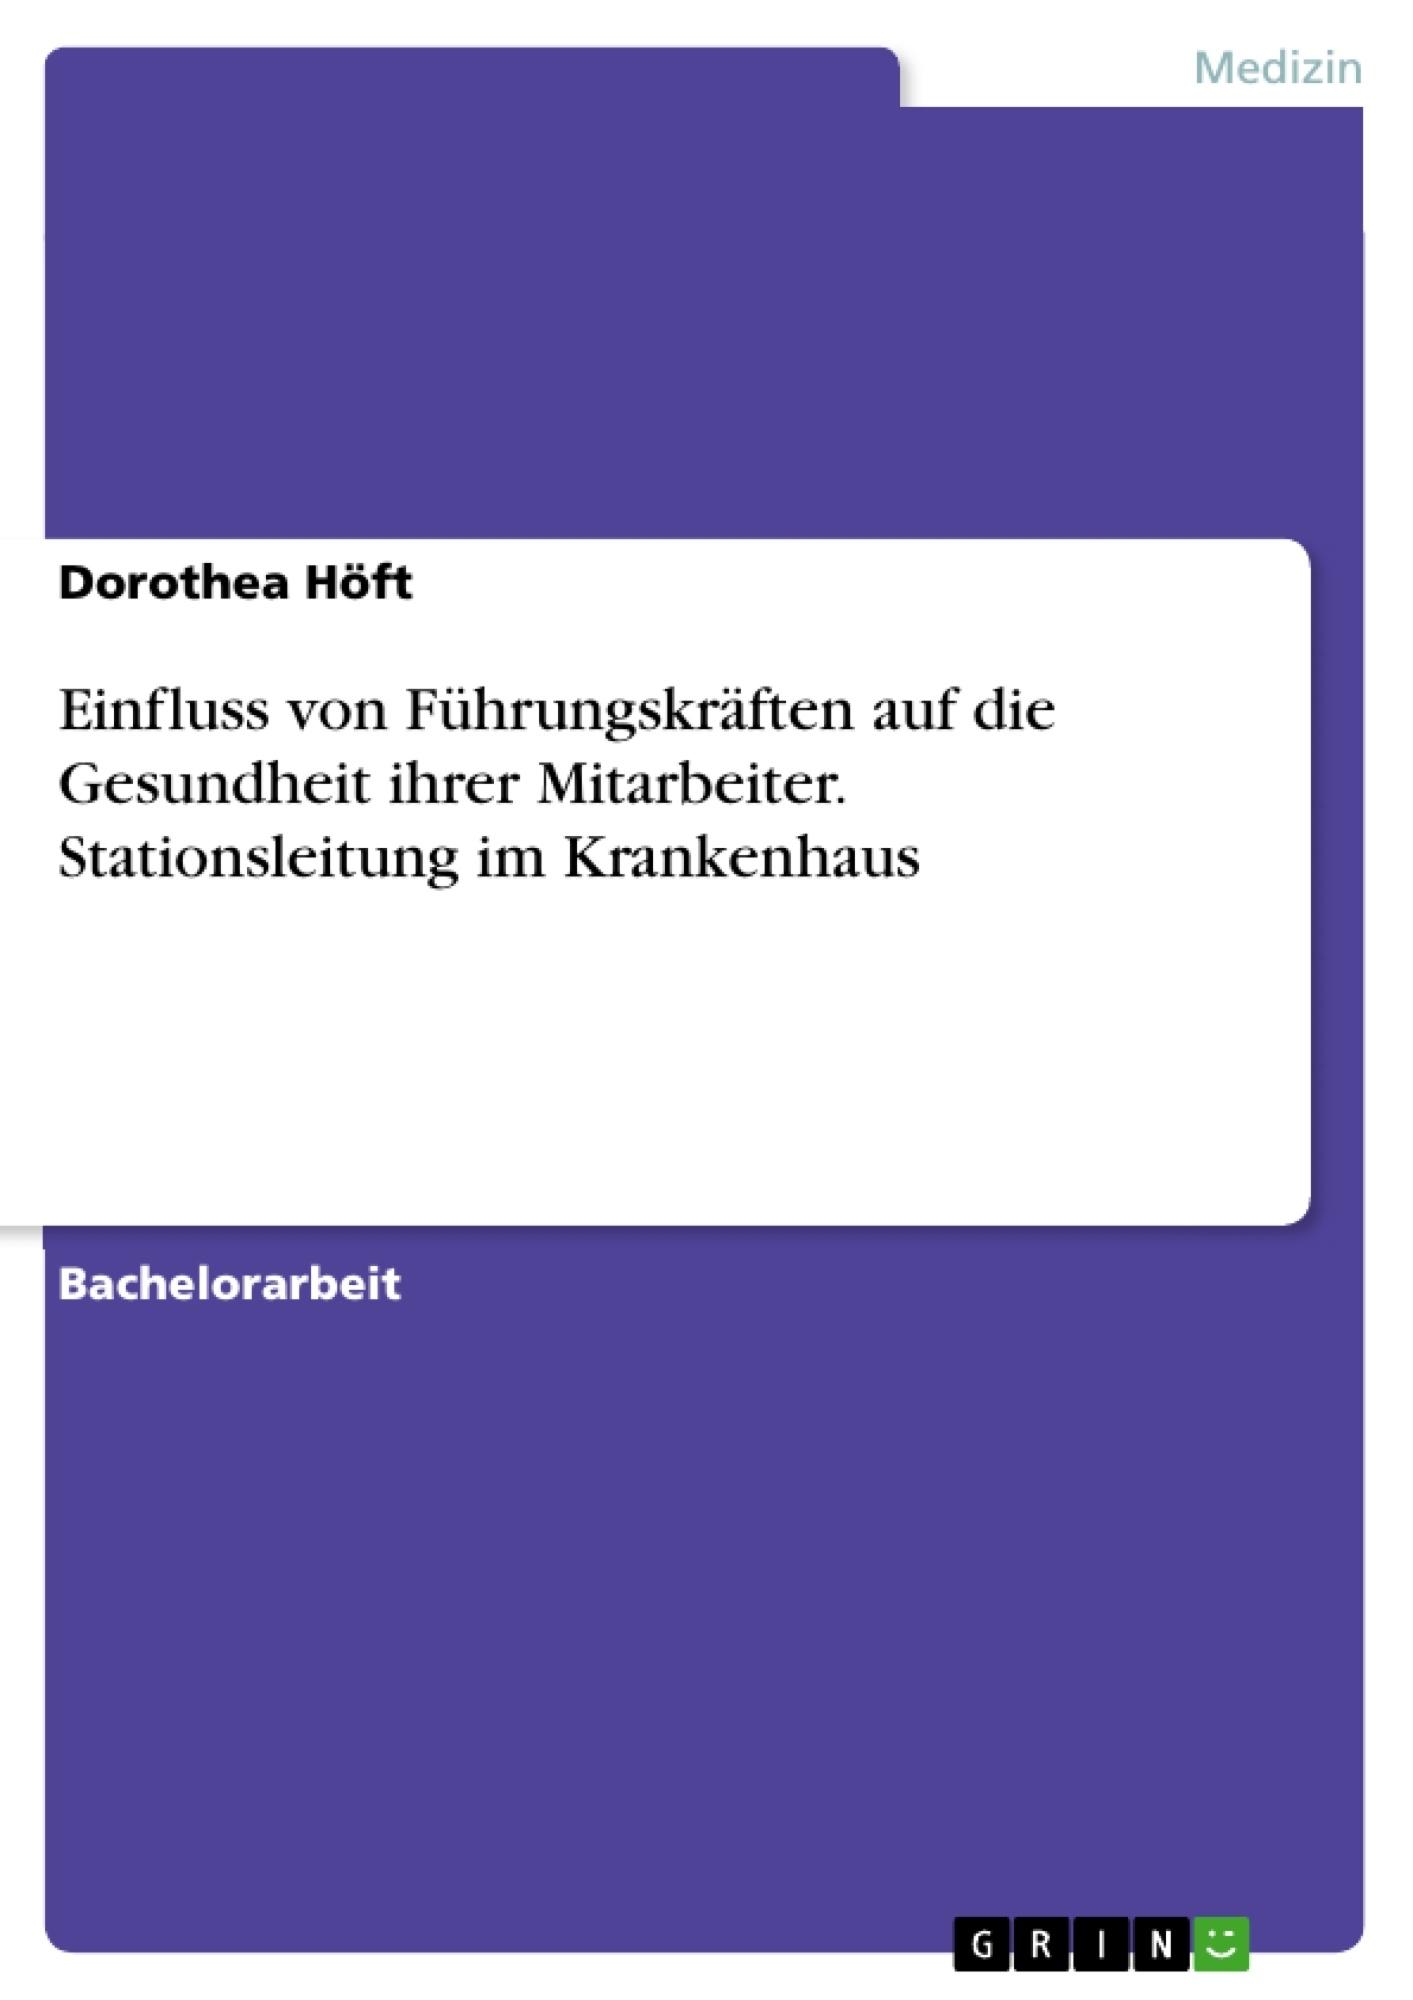 Titel: Einfluss von Führungskräften auf die Gesundheit ihrer Mitarbeiter. Stationsleitung im Krankenhaus